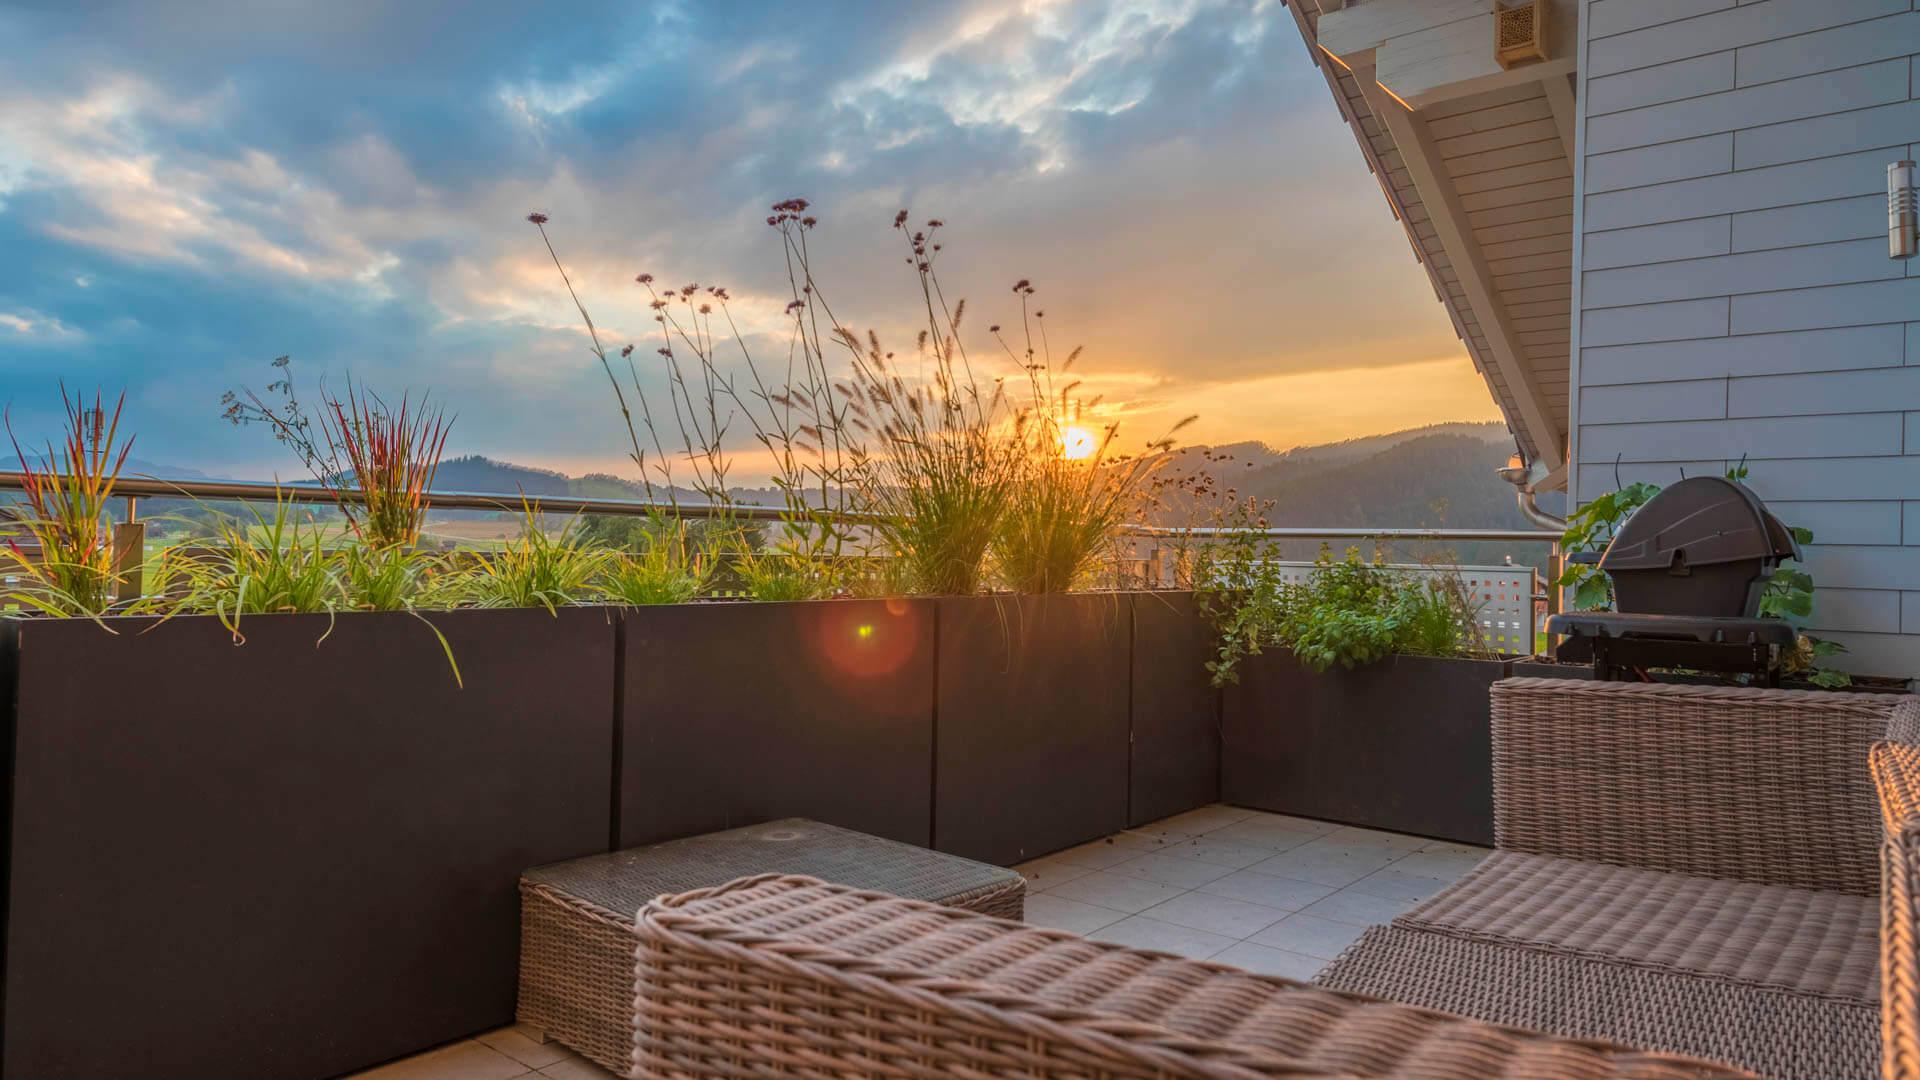 Mit Gräsern bepflanzte Töpfe auf einer Terrasse